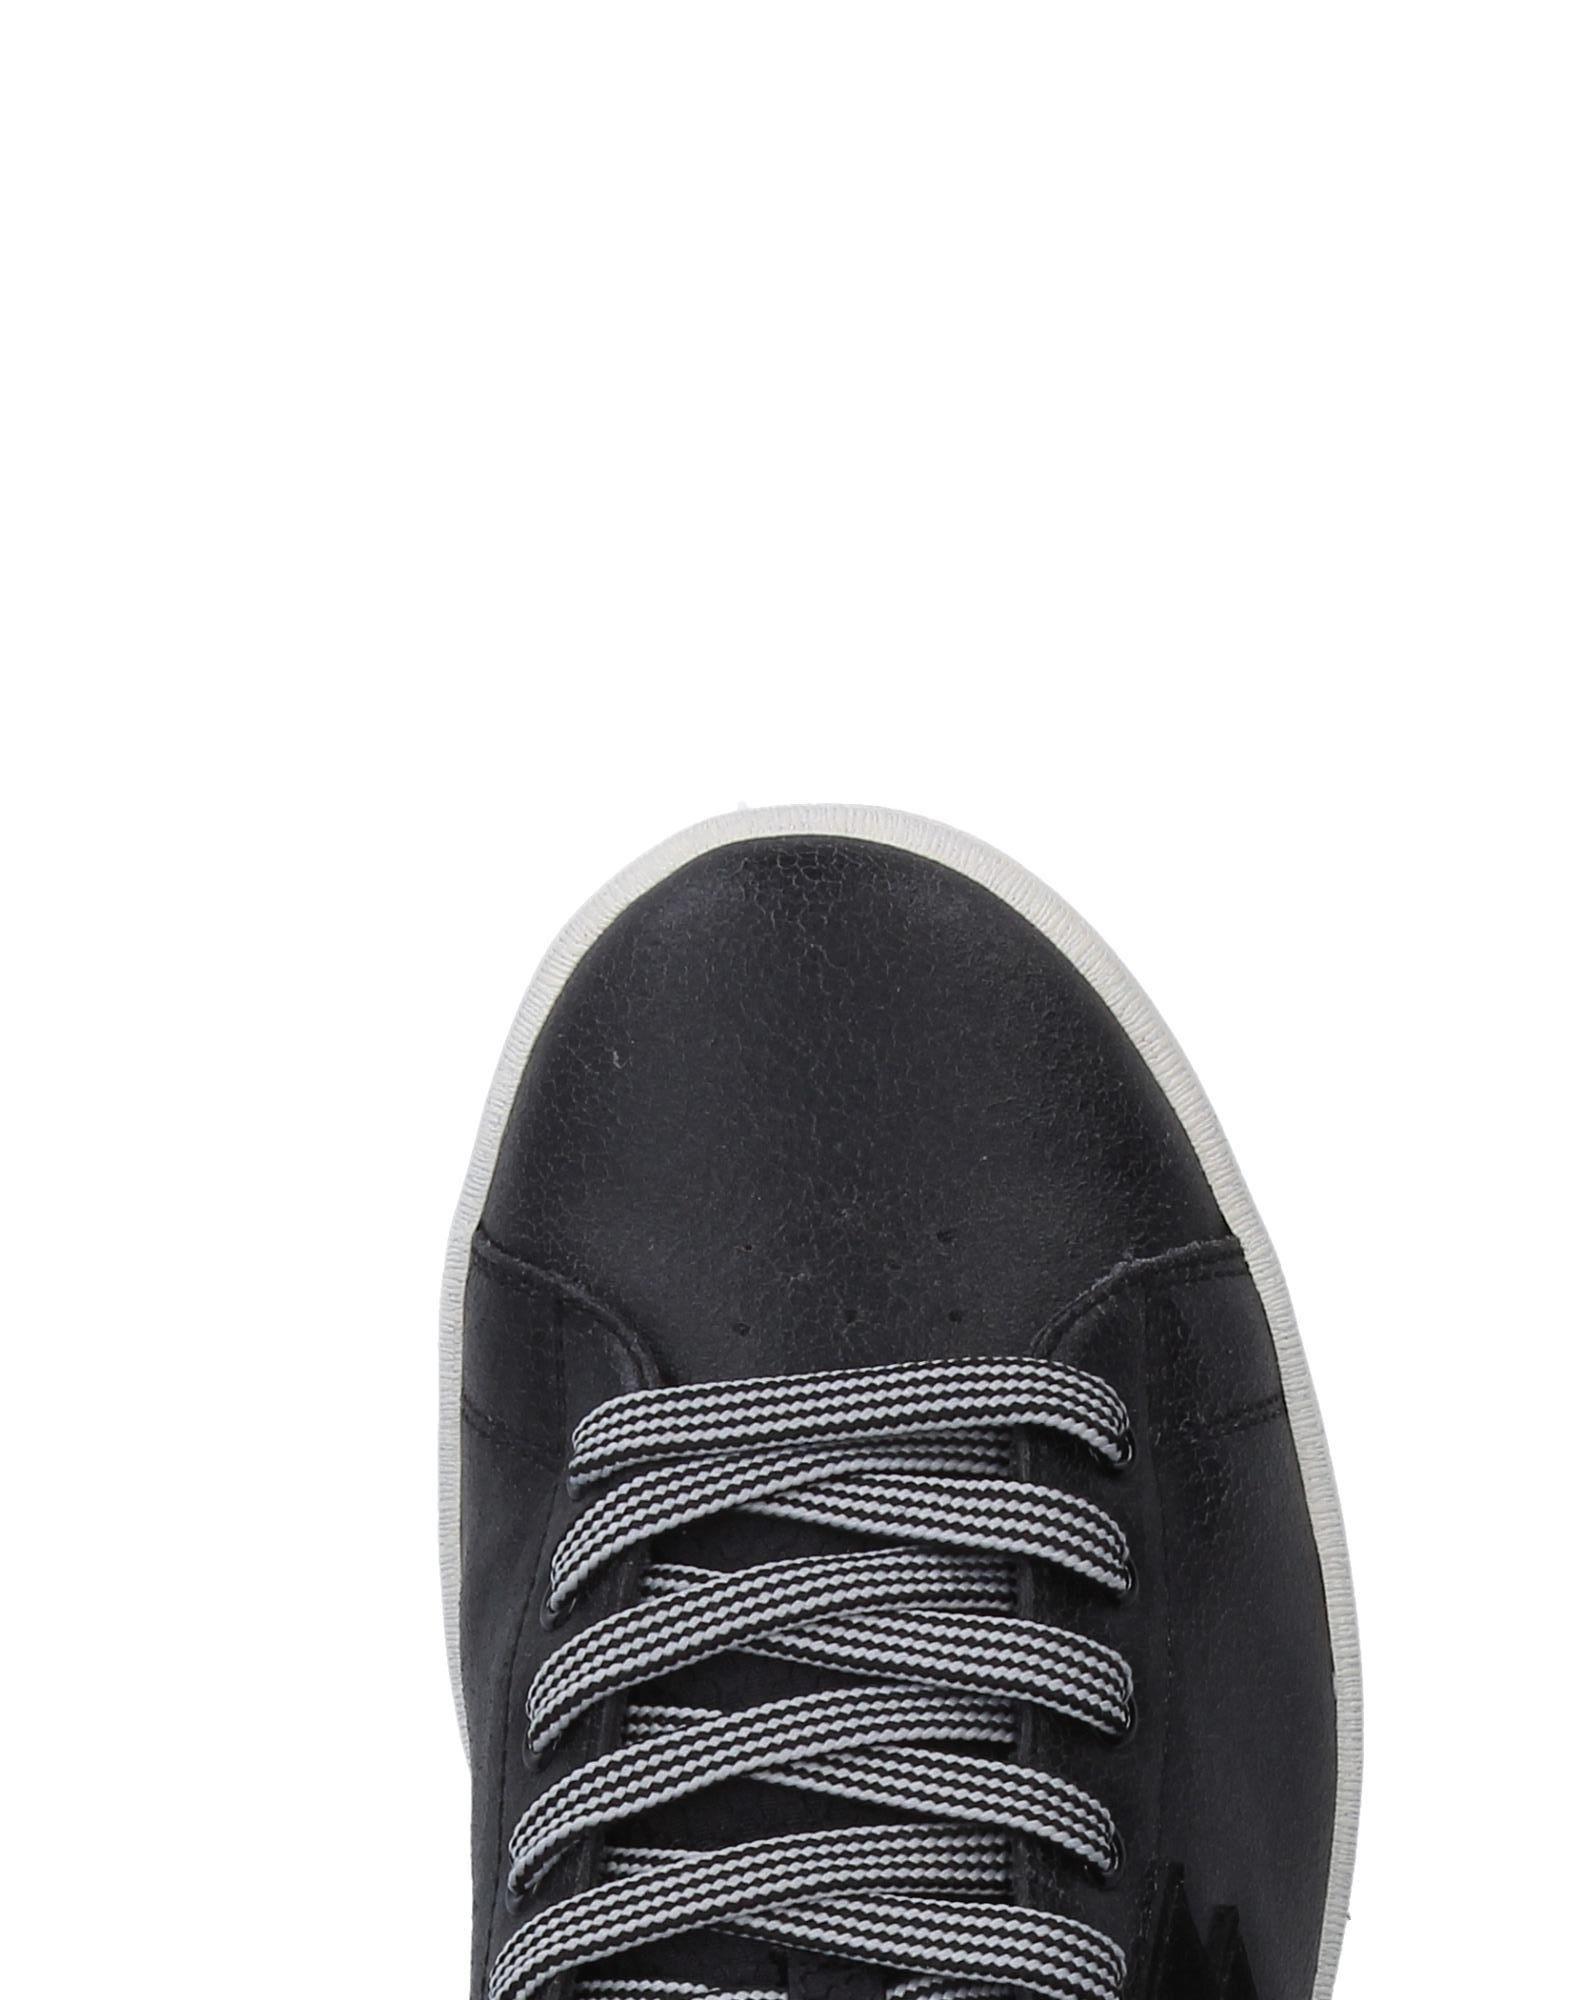 Rabatt echte Schuhe Herren Lotto Leggenda Sneakers Herren Schuhe  11234986WD 6dd896